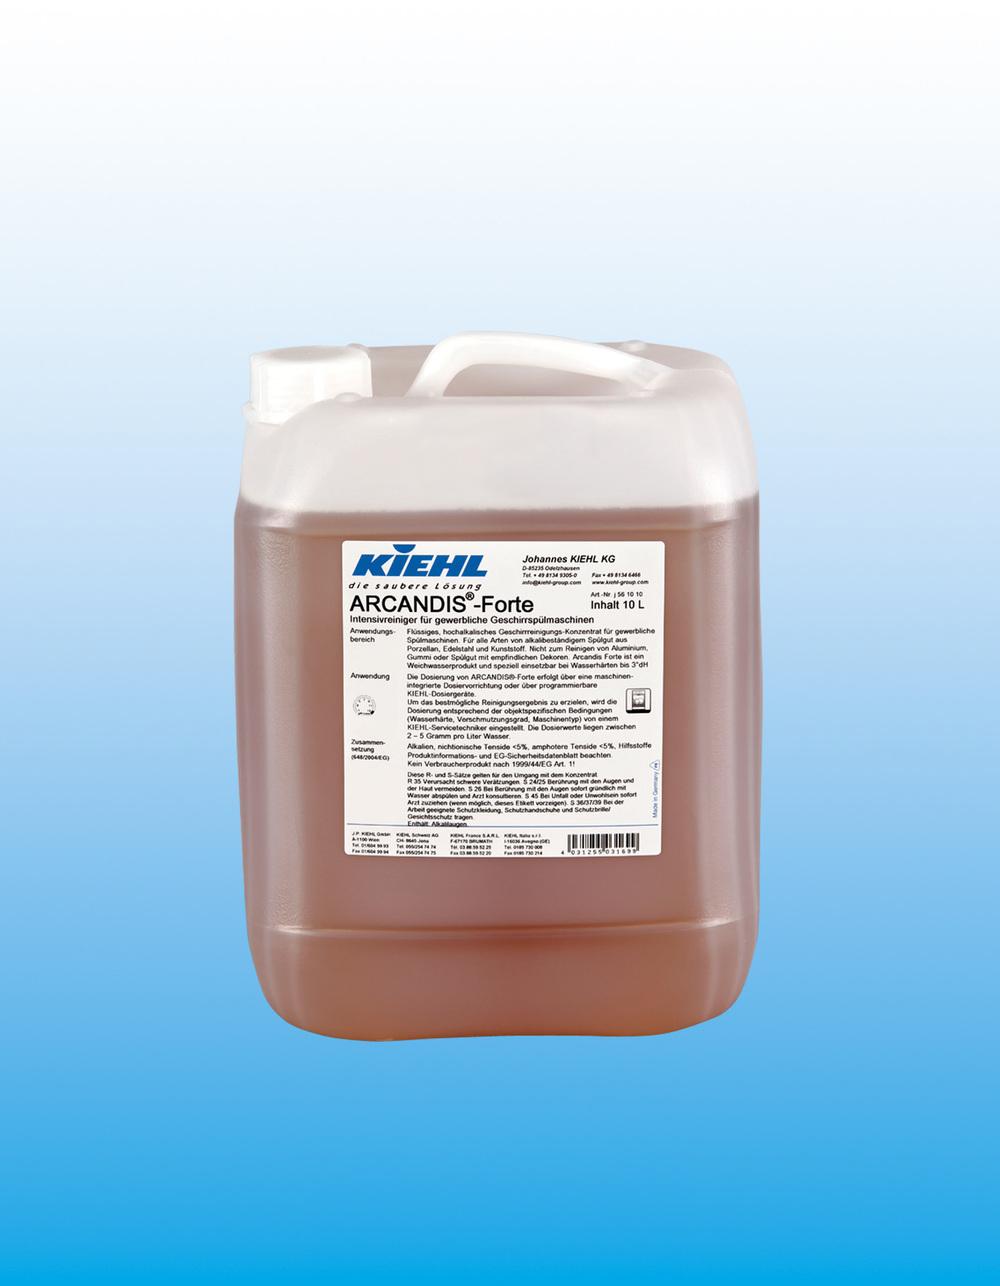 Arcandis Forte     Kraftig maskin-oppvask    Sterkt alkalisk, konsentrert oppvaskmiddel for profesjonelle oppvask-maskiner. Produktet er fritt for klor og fosfat, har gode rengjøringsegenskaper og fjerner effektivt stivelse og protein.